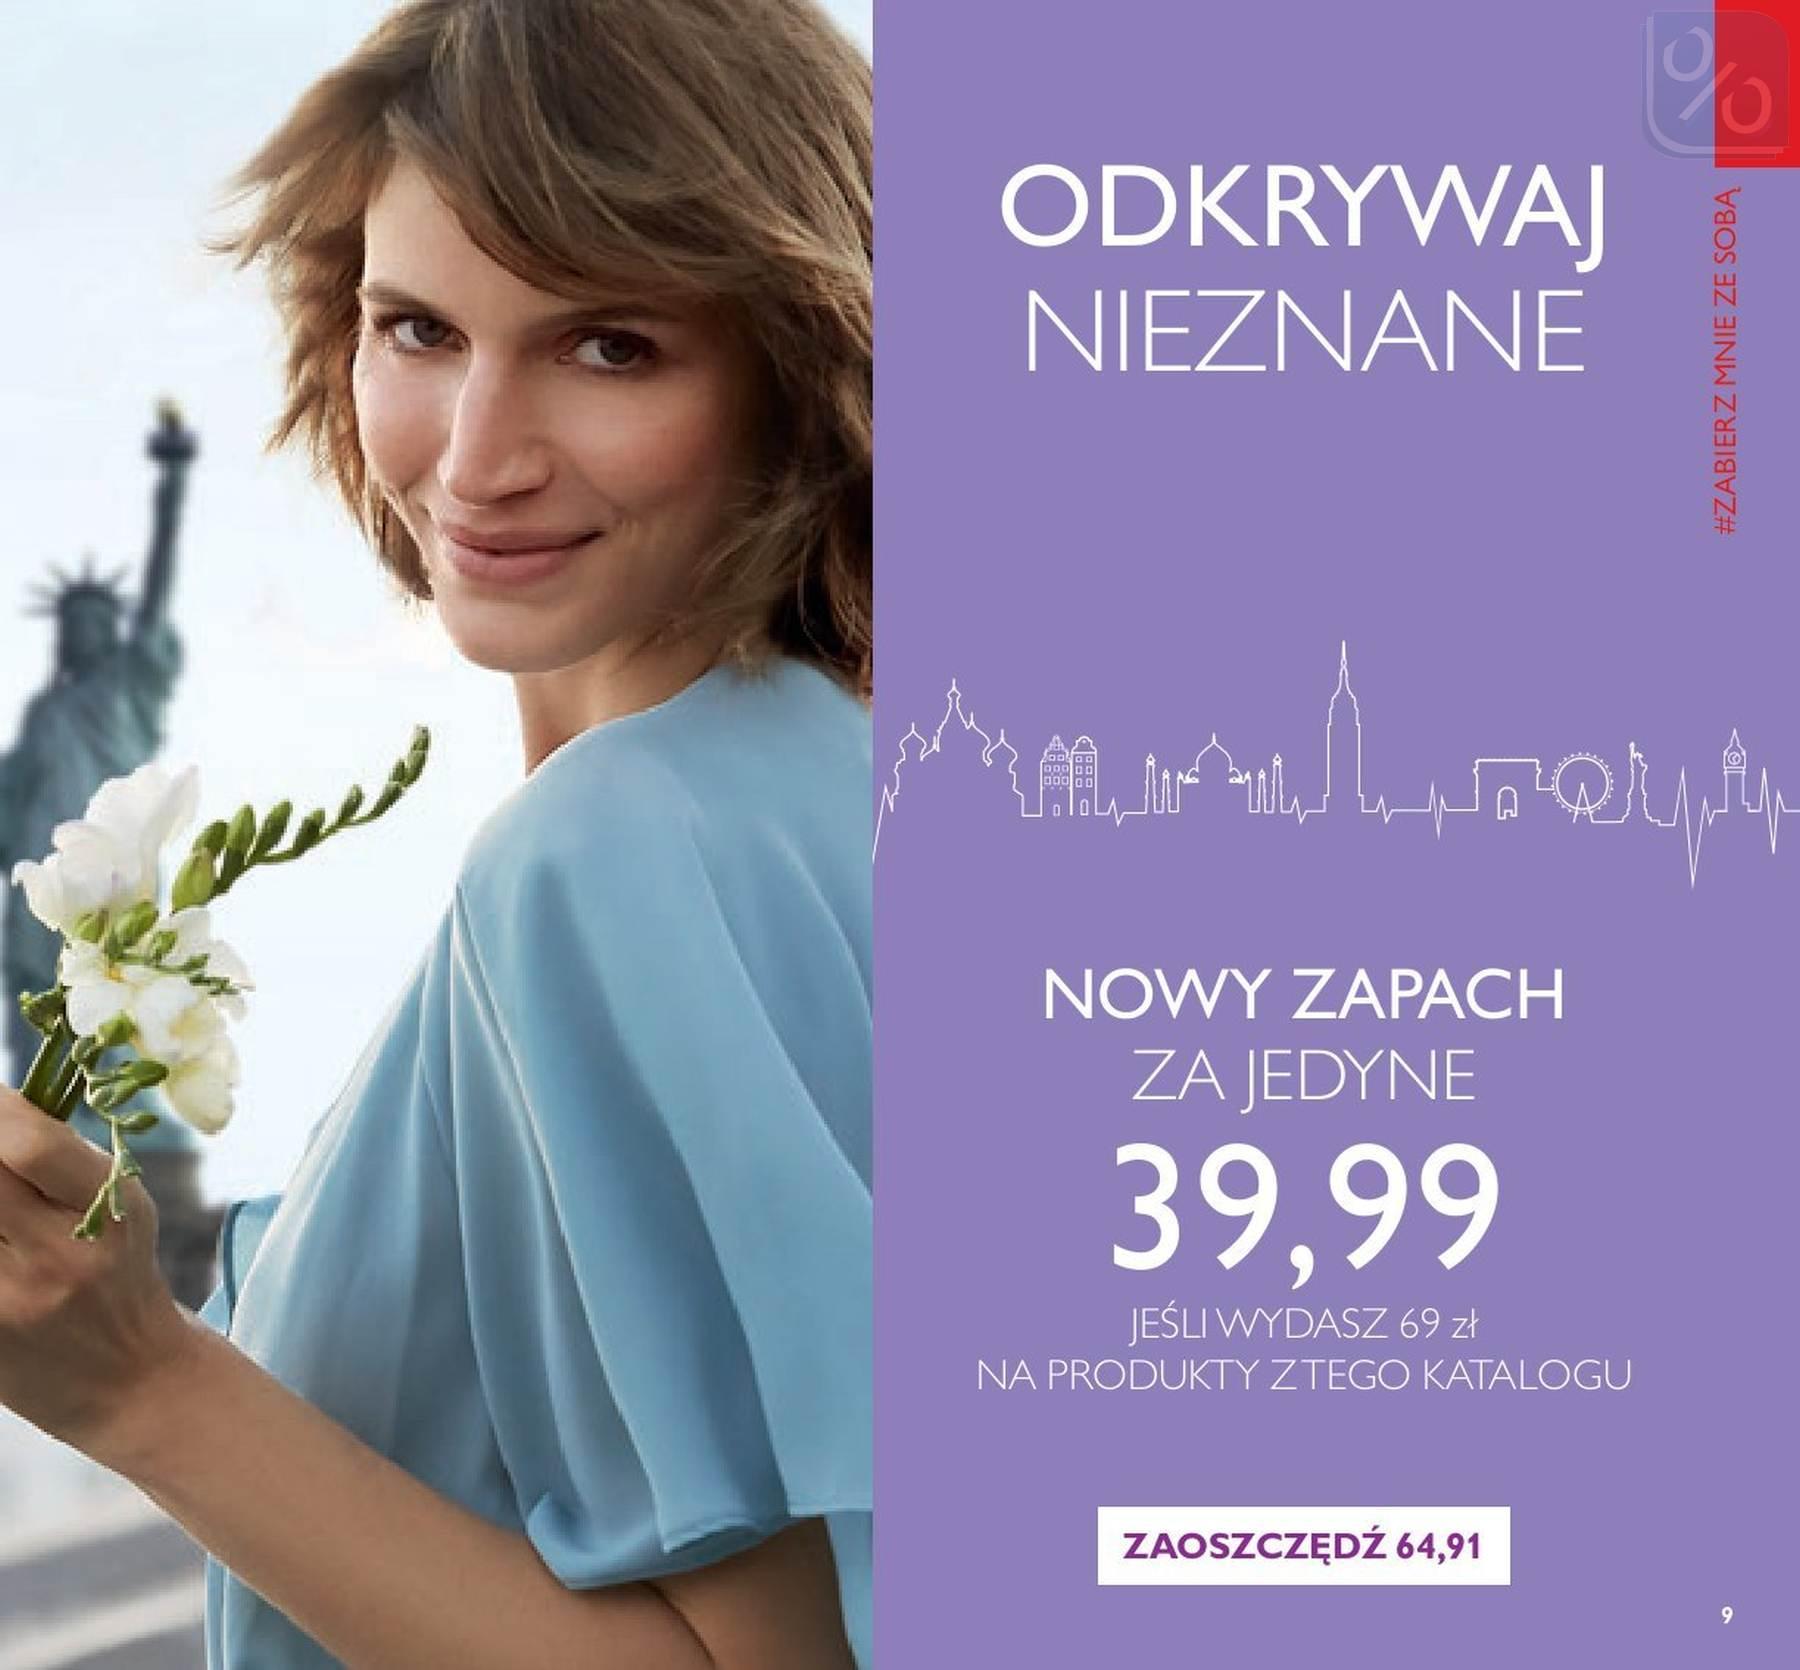 Gazetka promocyjna Oriflame do 04/02/2019 str.8